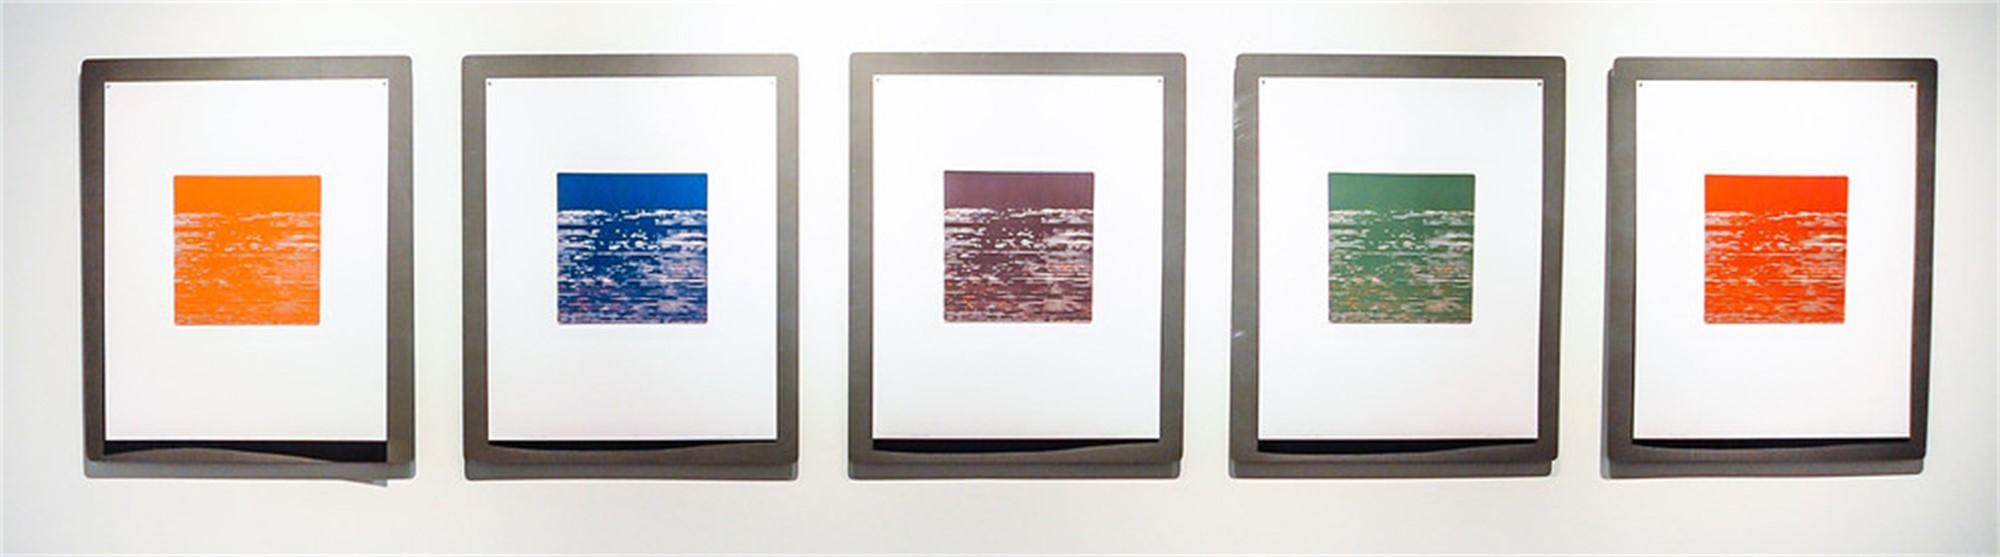 Floodline Series by Devon Christopher Moore